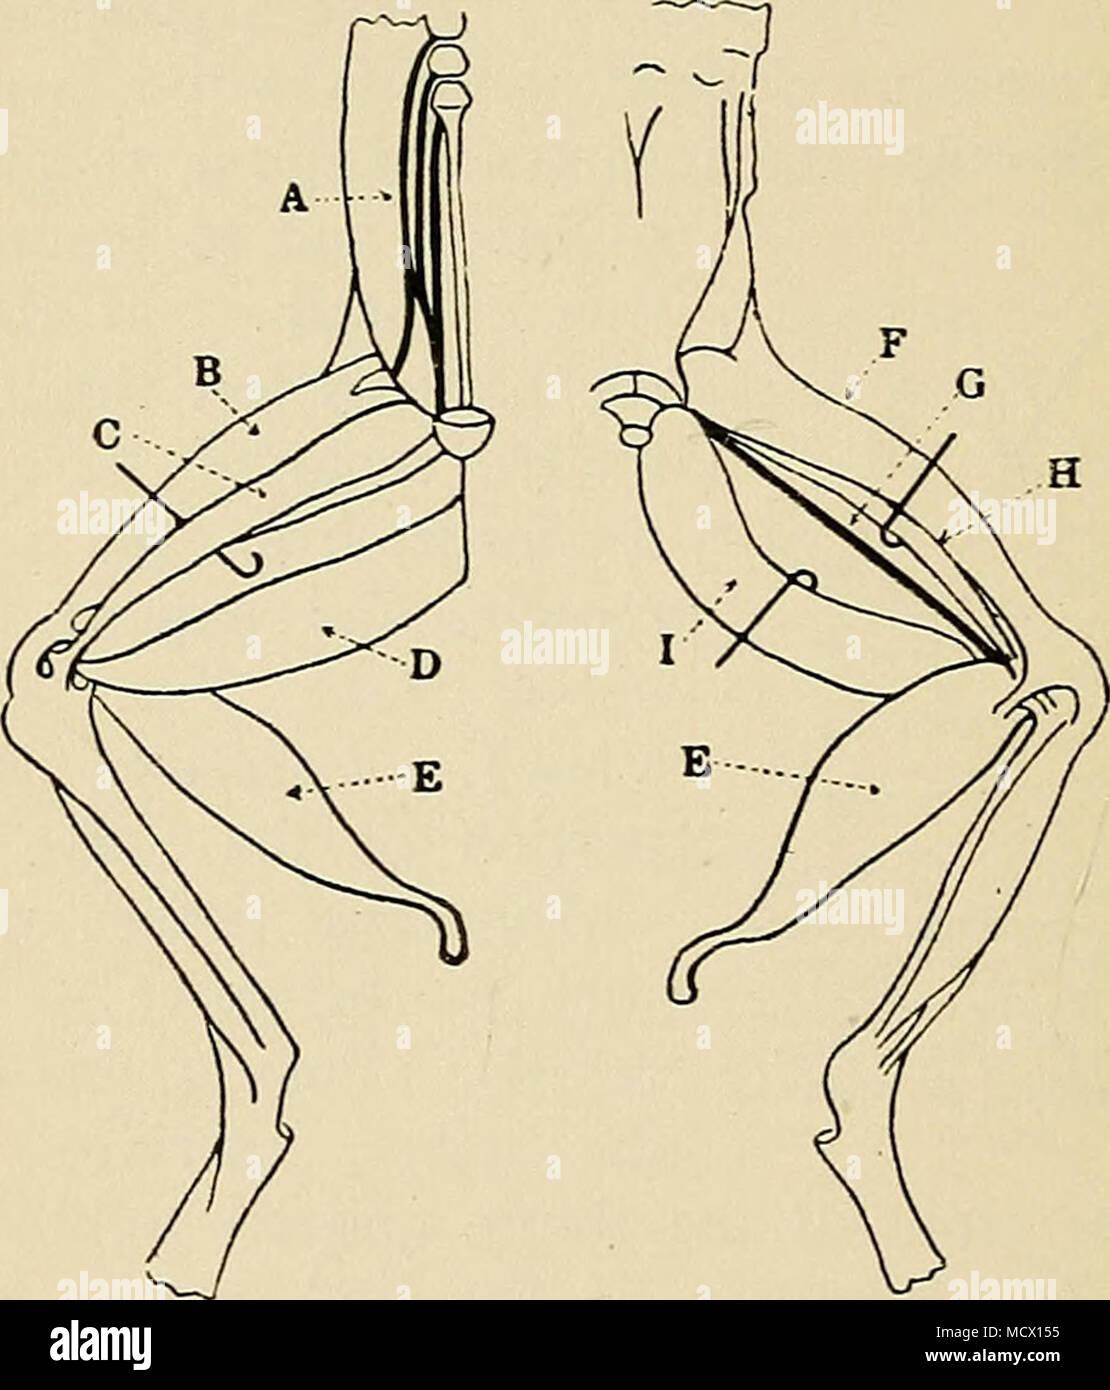 Berühmt Frosch Dissektion Innere Anatomie Galerie - Menschliche ...